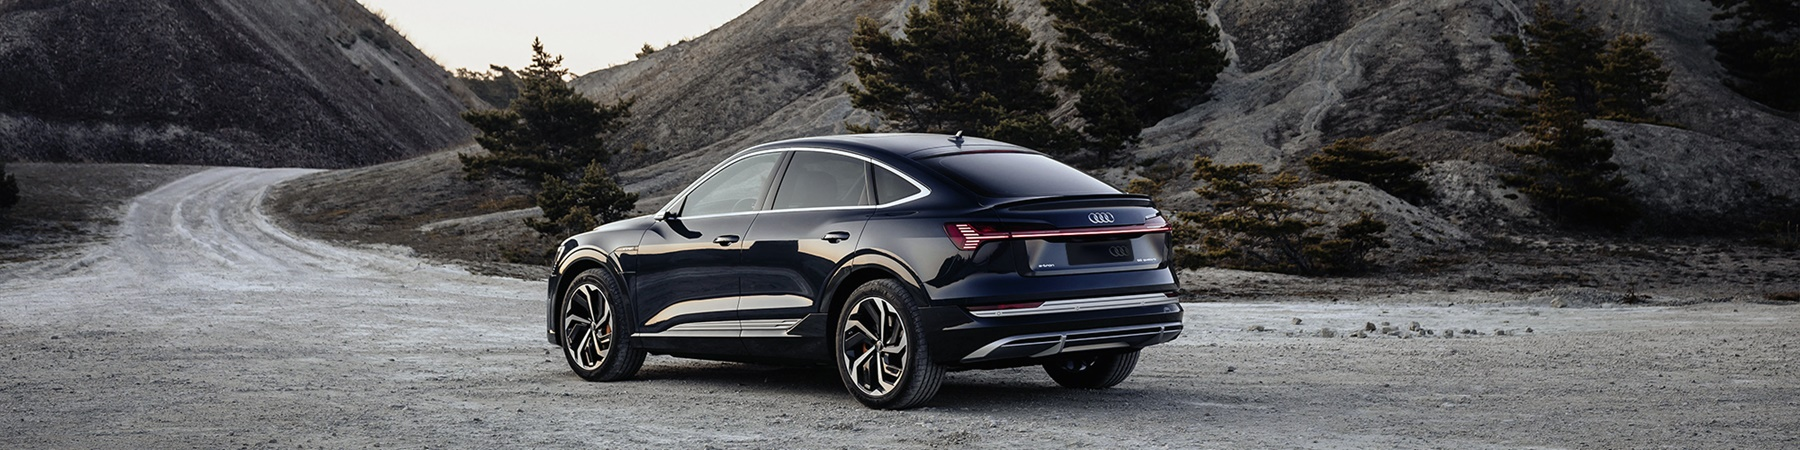 Audi E-tron sportback 71kWh 295 km actieradius